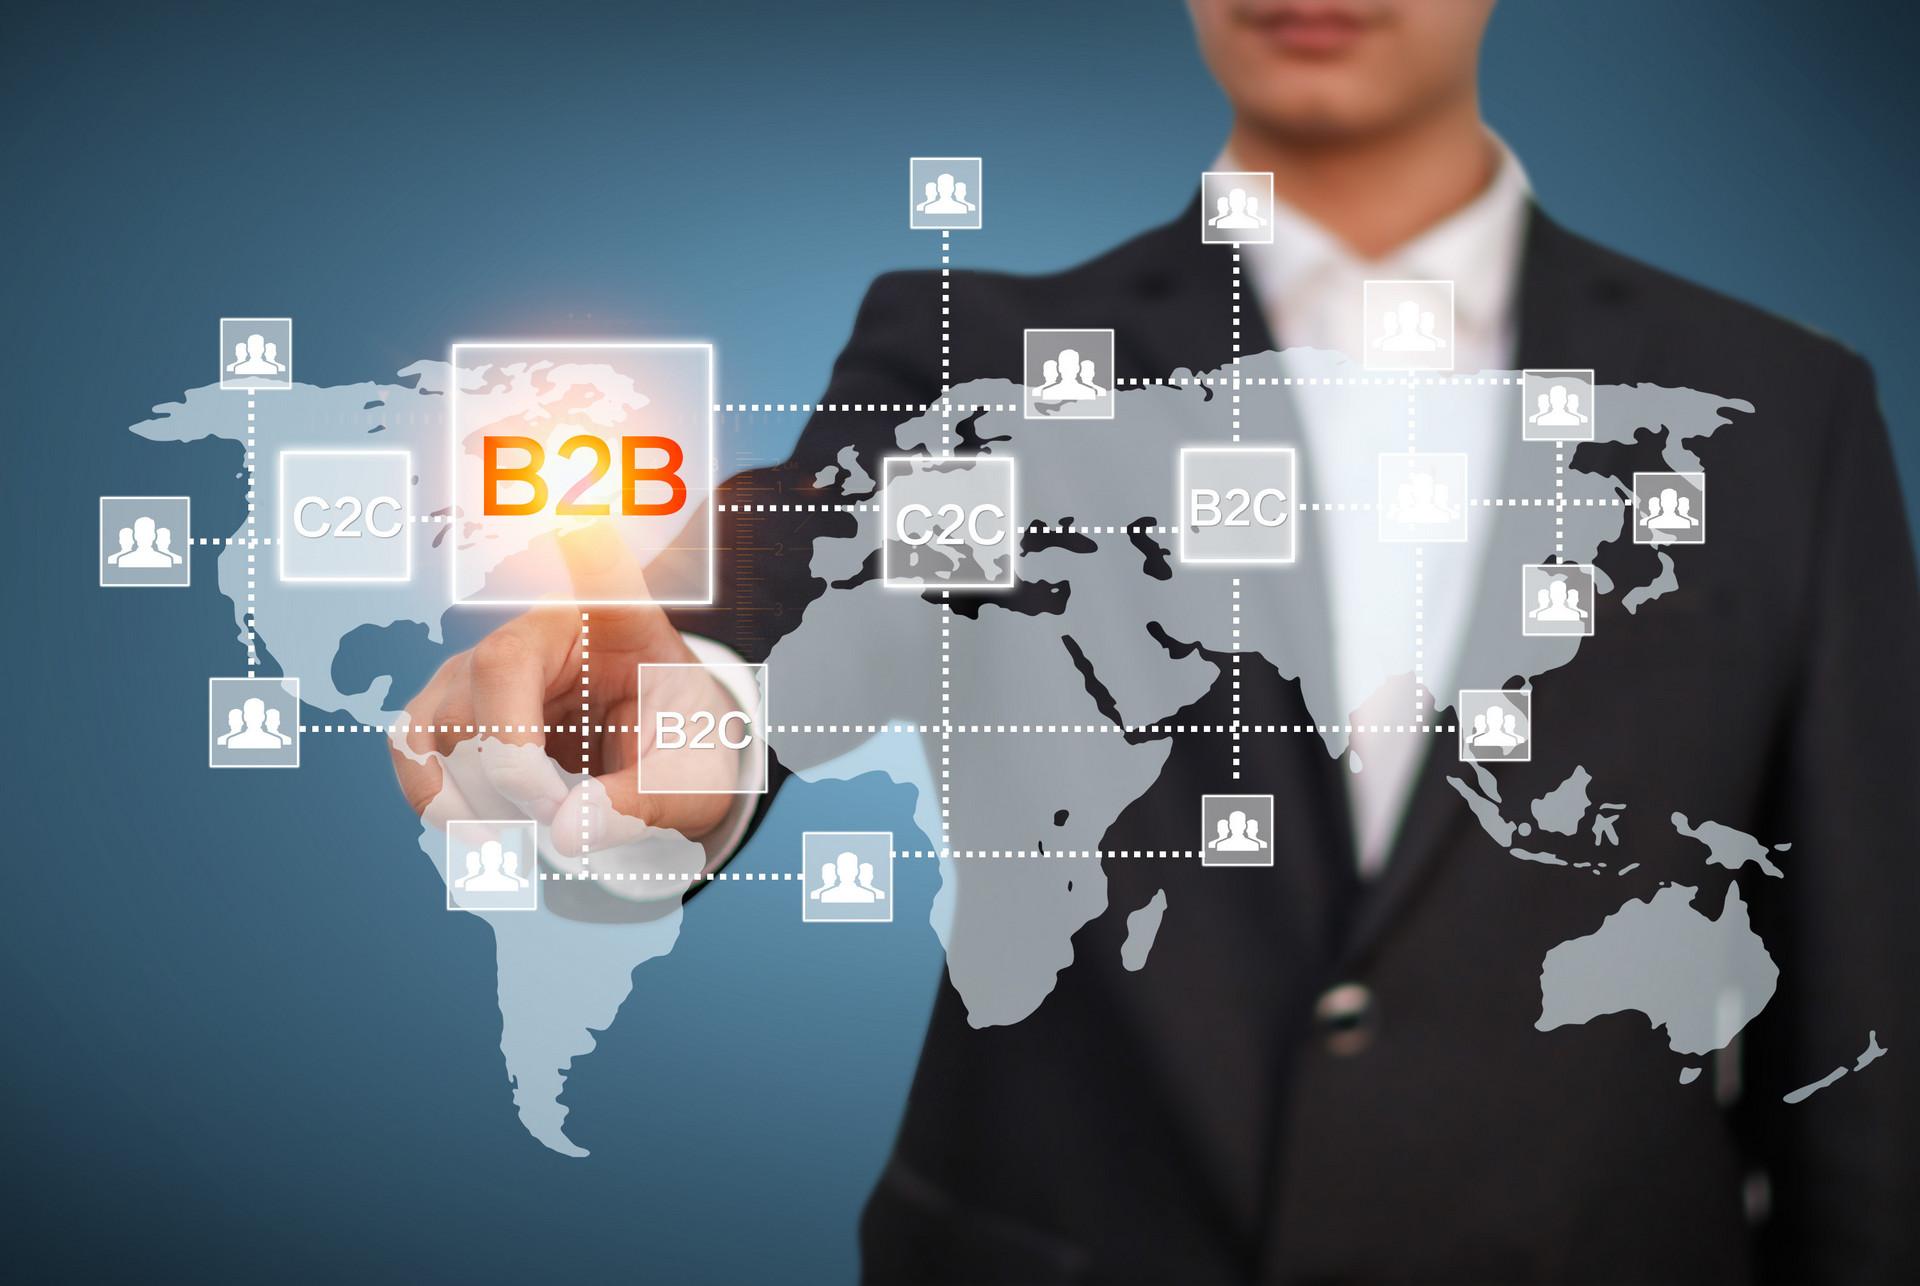 未来的中国集成电路产业必须掌握5G产业链